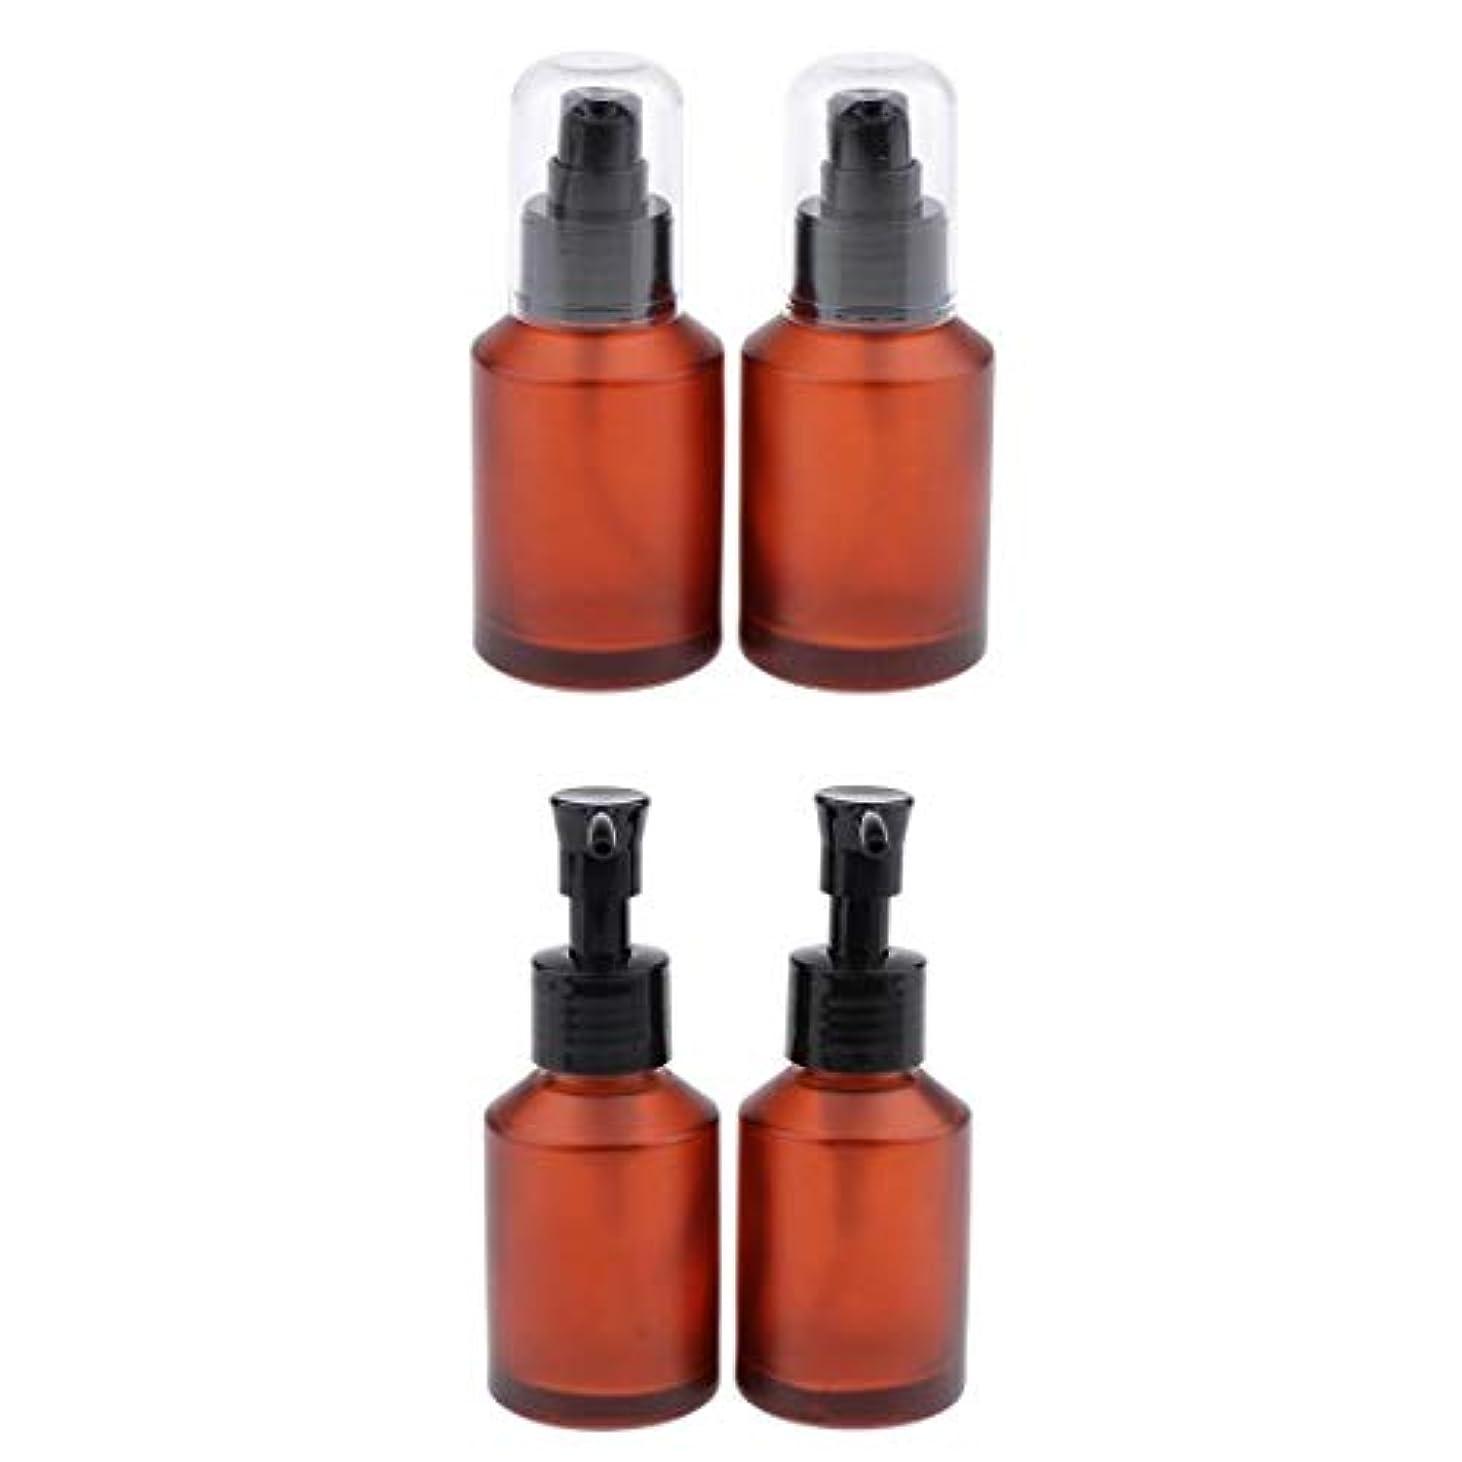 毎年筋肉の主権者4個セット スプレーボトル スポイト瓶 遮光瓶 ガラス製 精油瓶 詰め替え アロマ保存容器 小分け用